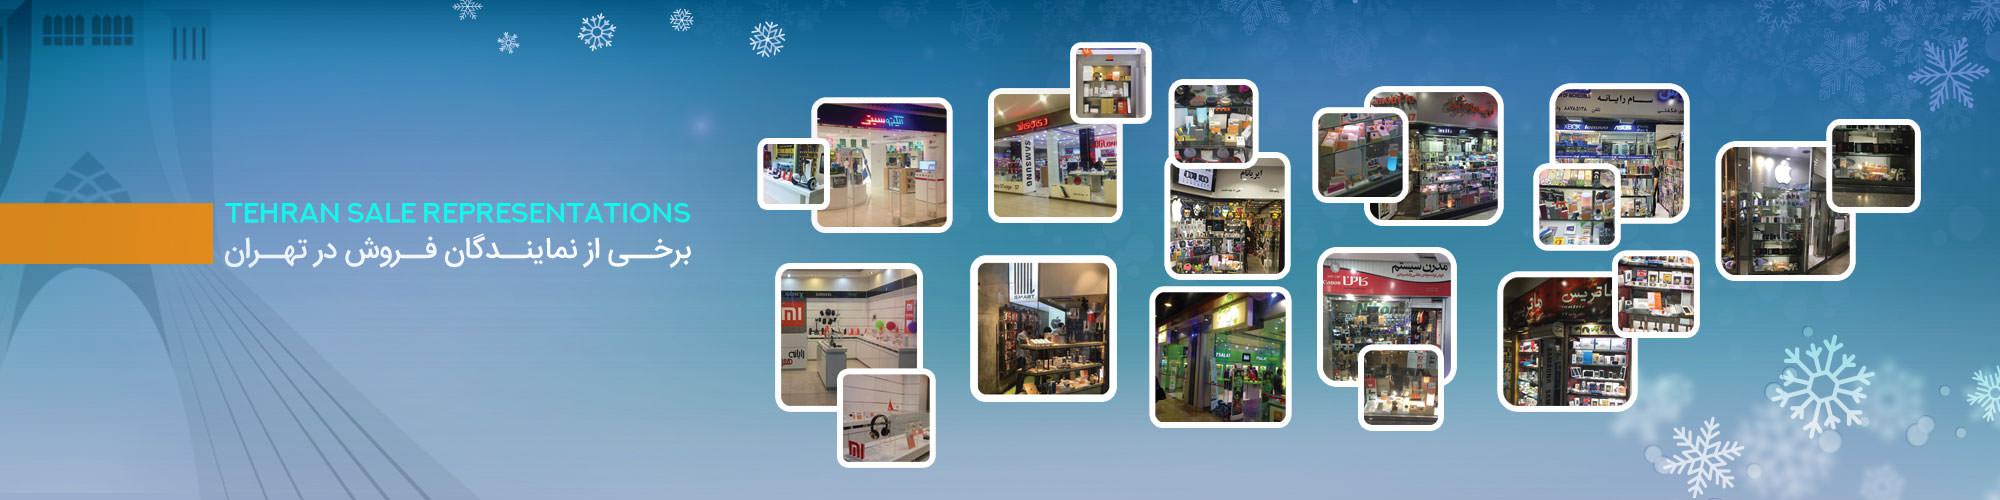 فروش سازمانی محصولات شیائومی در ایران